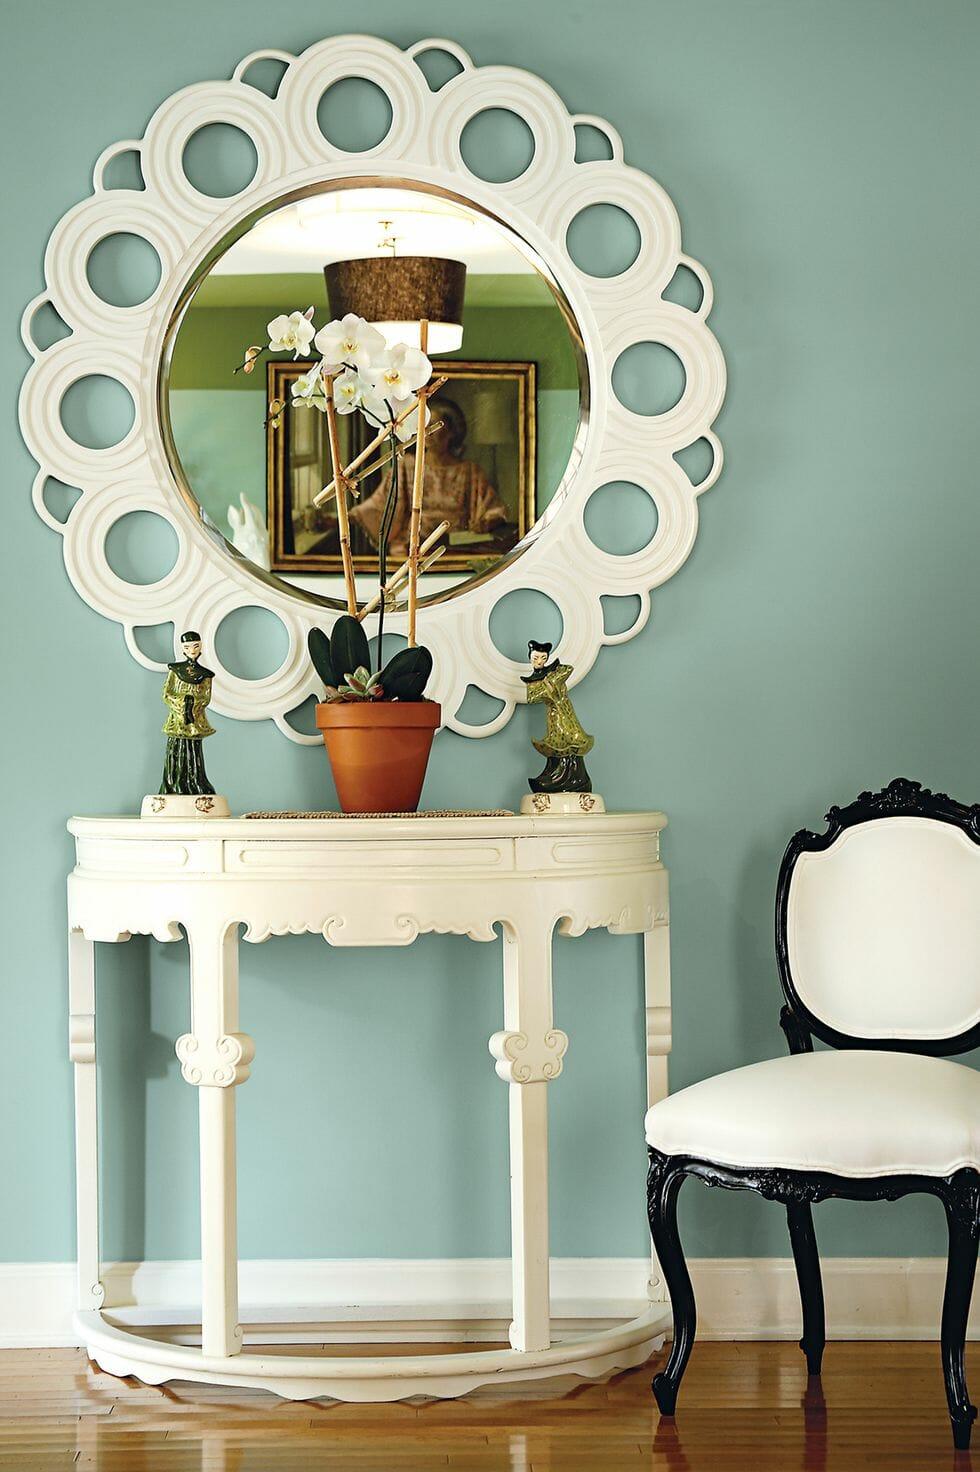 hình ảnh một góc nhà với bàn gương trăng điểm màu trắng, ghế ngồi khung đen, chậu cây trang trí, tượng điêu khắc nhỏ, tường màu xanh lam